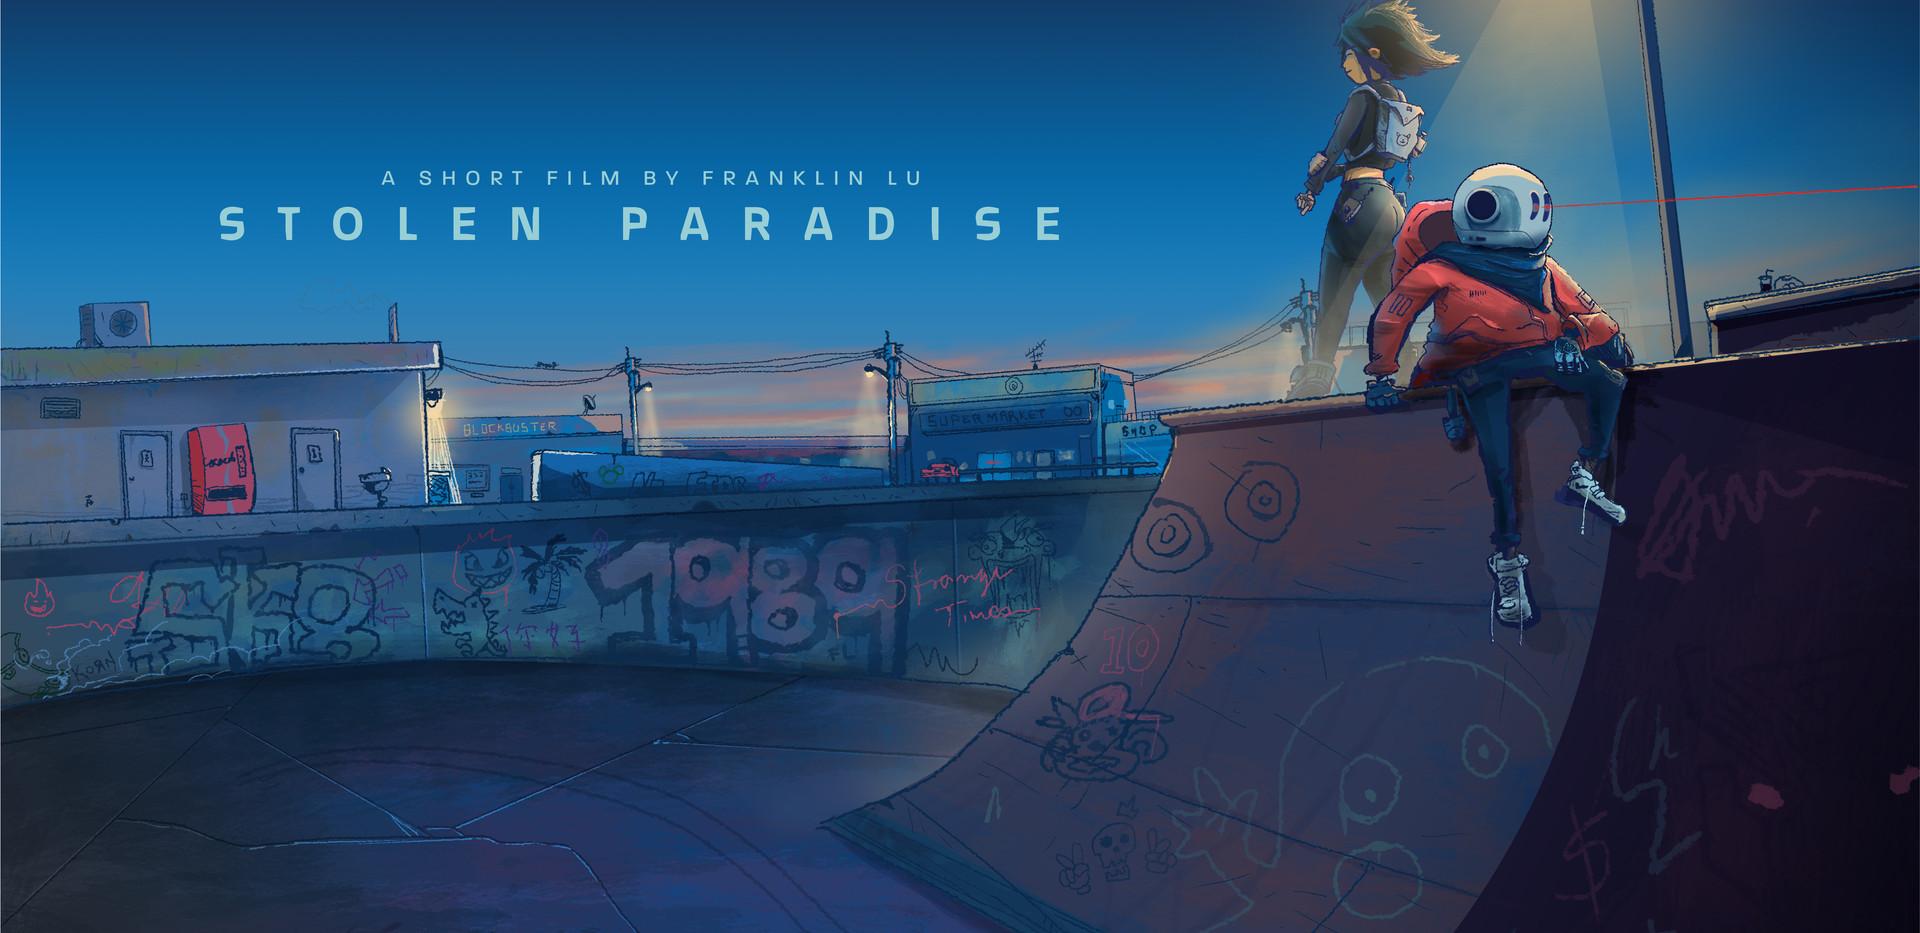 stolen paradise